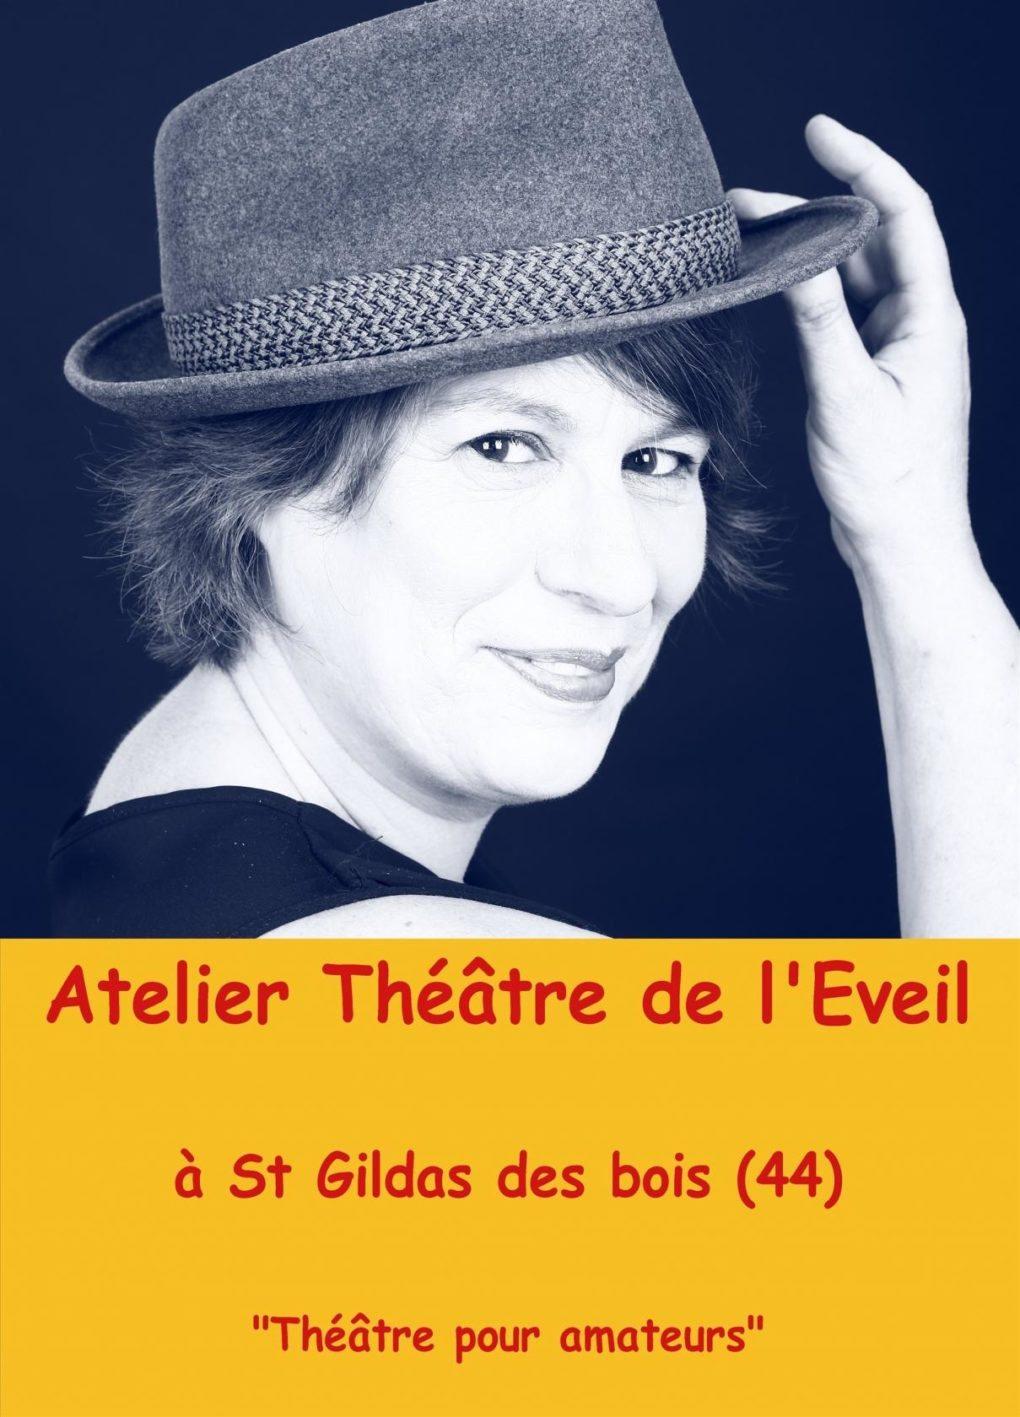 Atelier théâtre de l'éveil Saint-Gildas-des-Bois